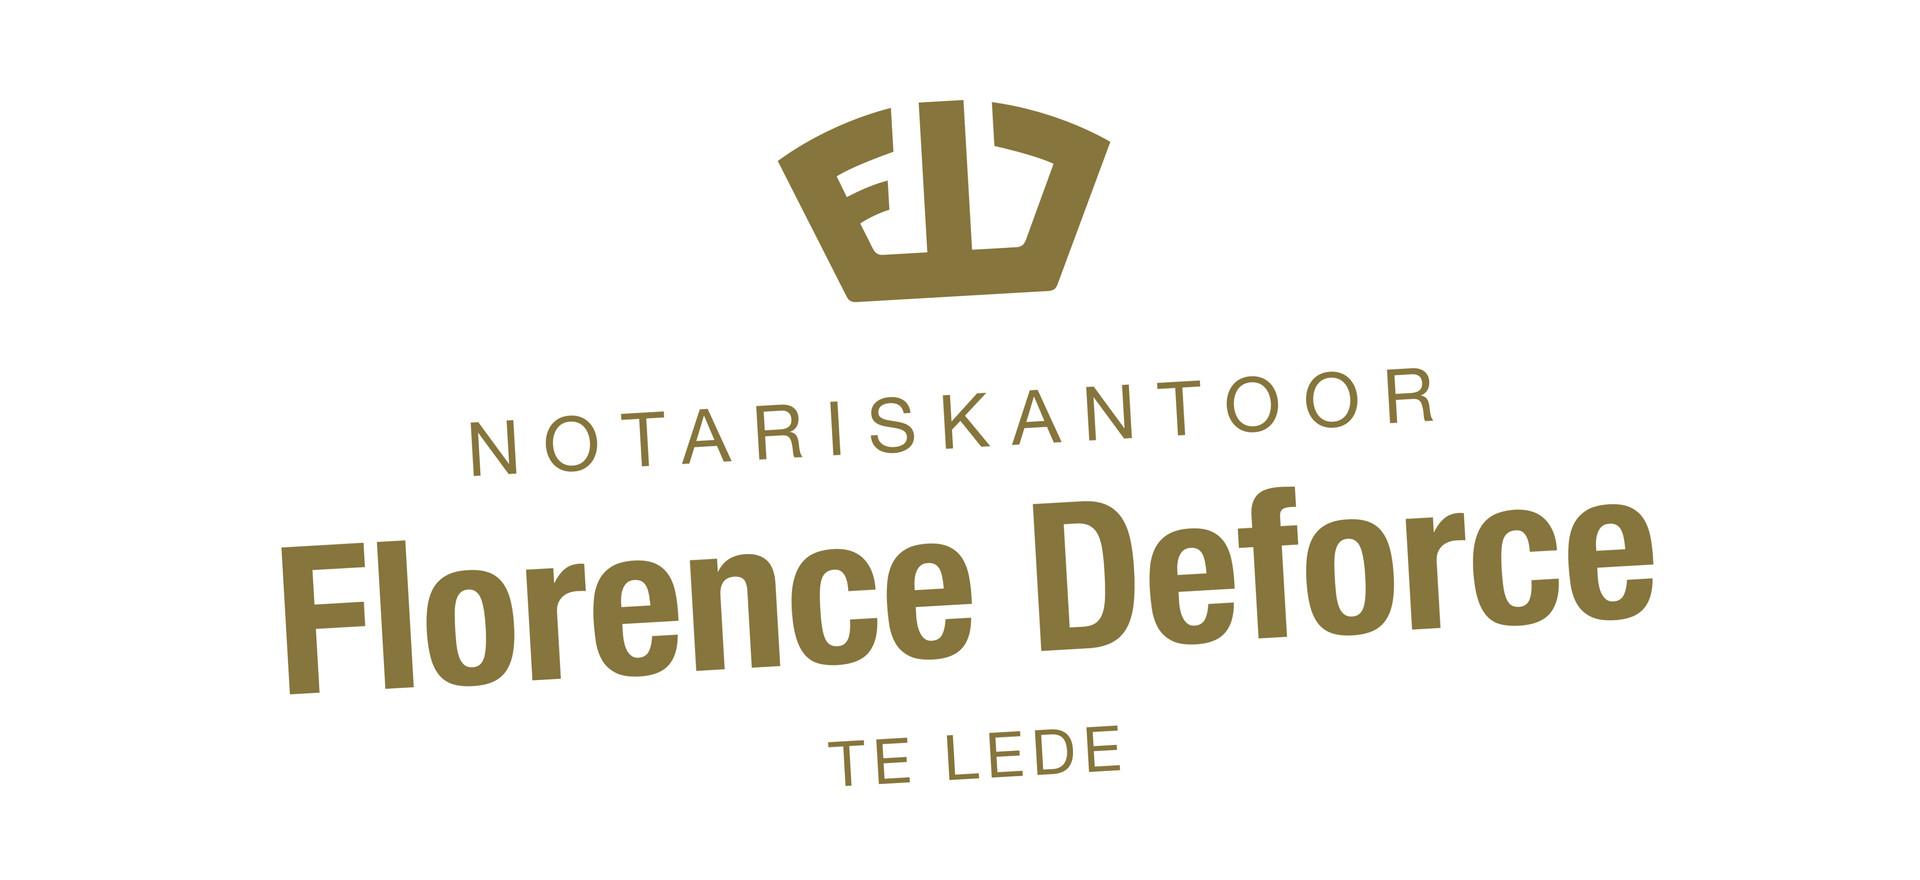 Notariskantoor Florence Deforce